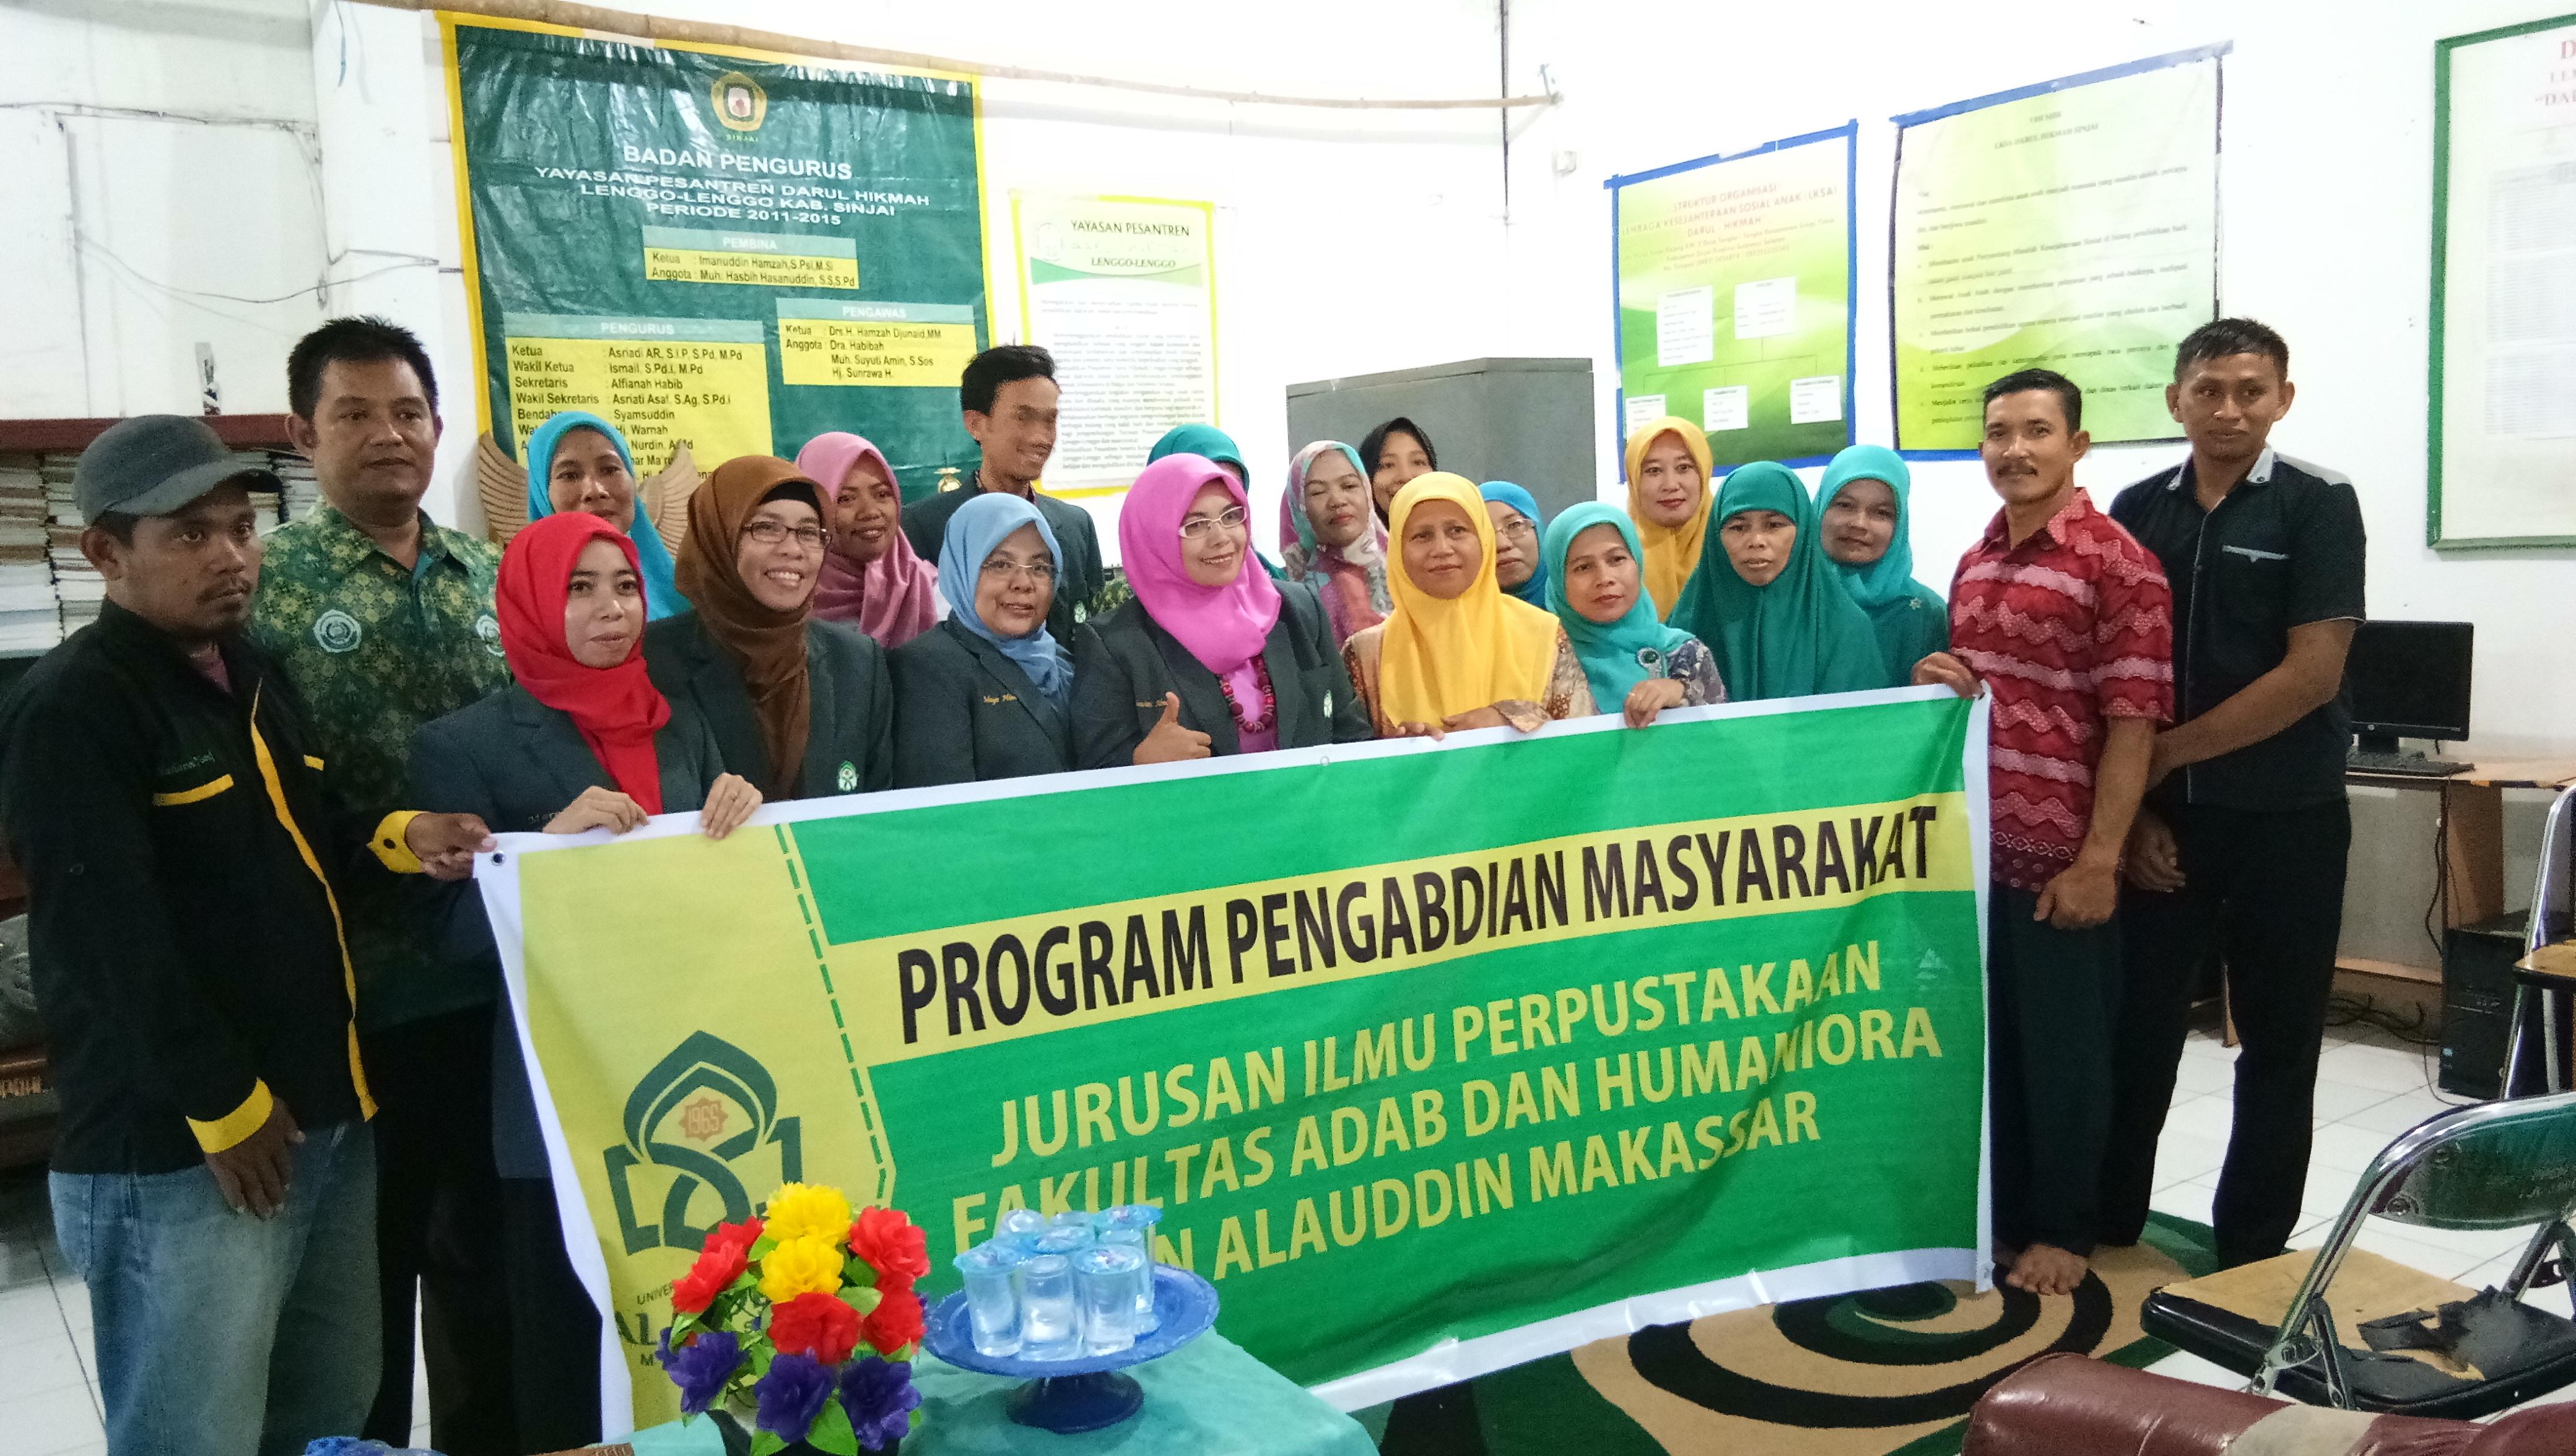 Kegiatan Pengabdian Masyarakat JIP FAH UINAM DI Perpustakaan Yayasan Pesantren Darul Hikmah Kec. Sin